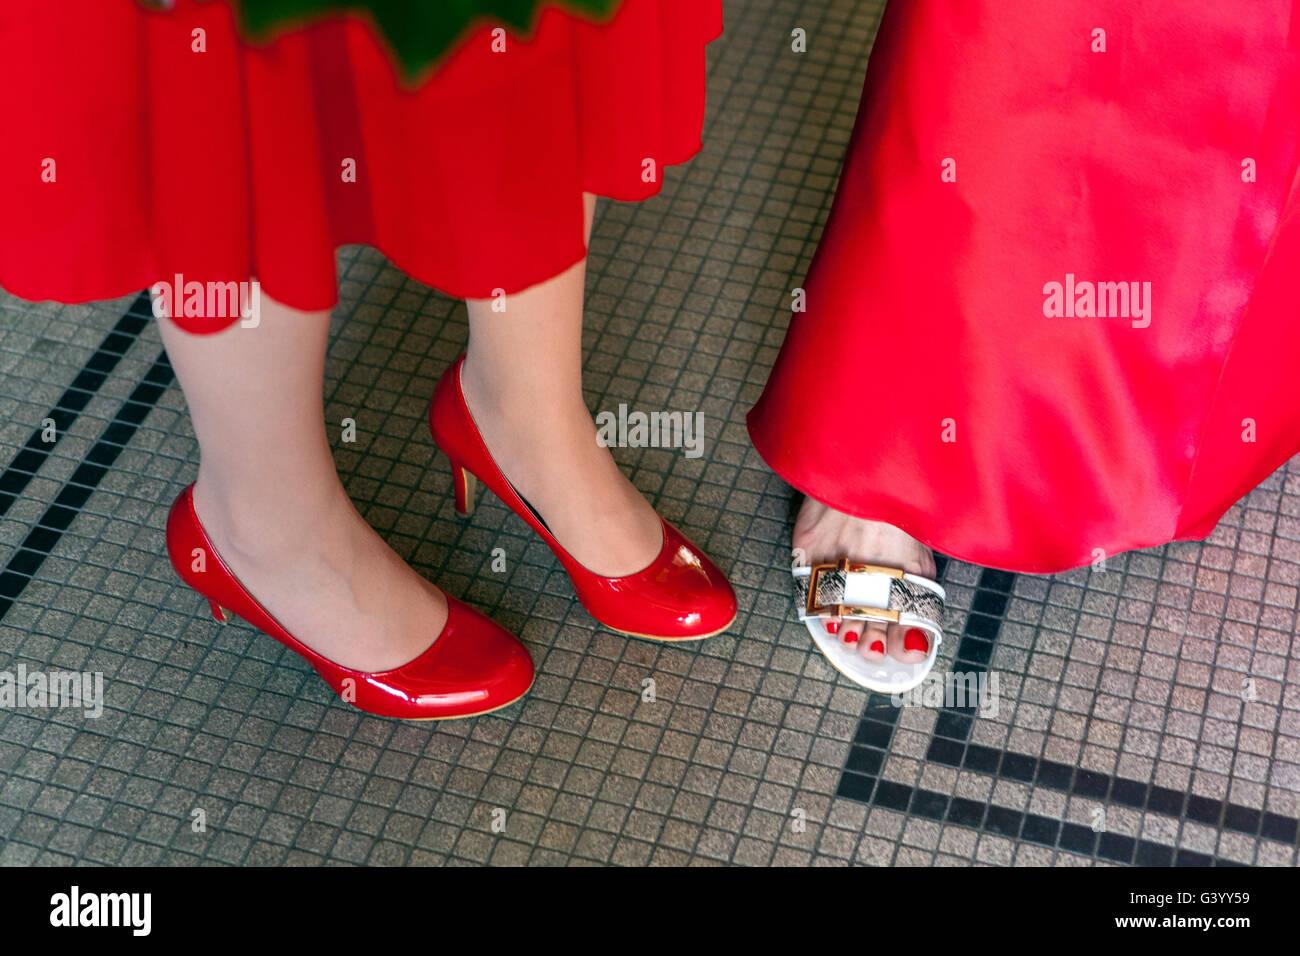 0ccc78fbc Women Shoes Stock Photos & Women Shoes Stock Images - Alamy